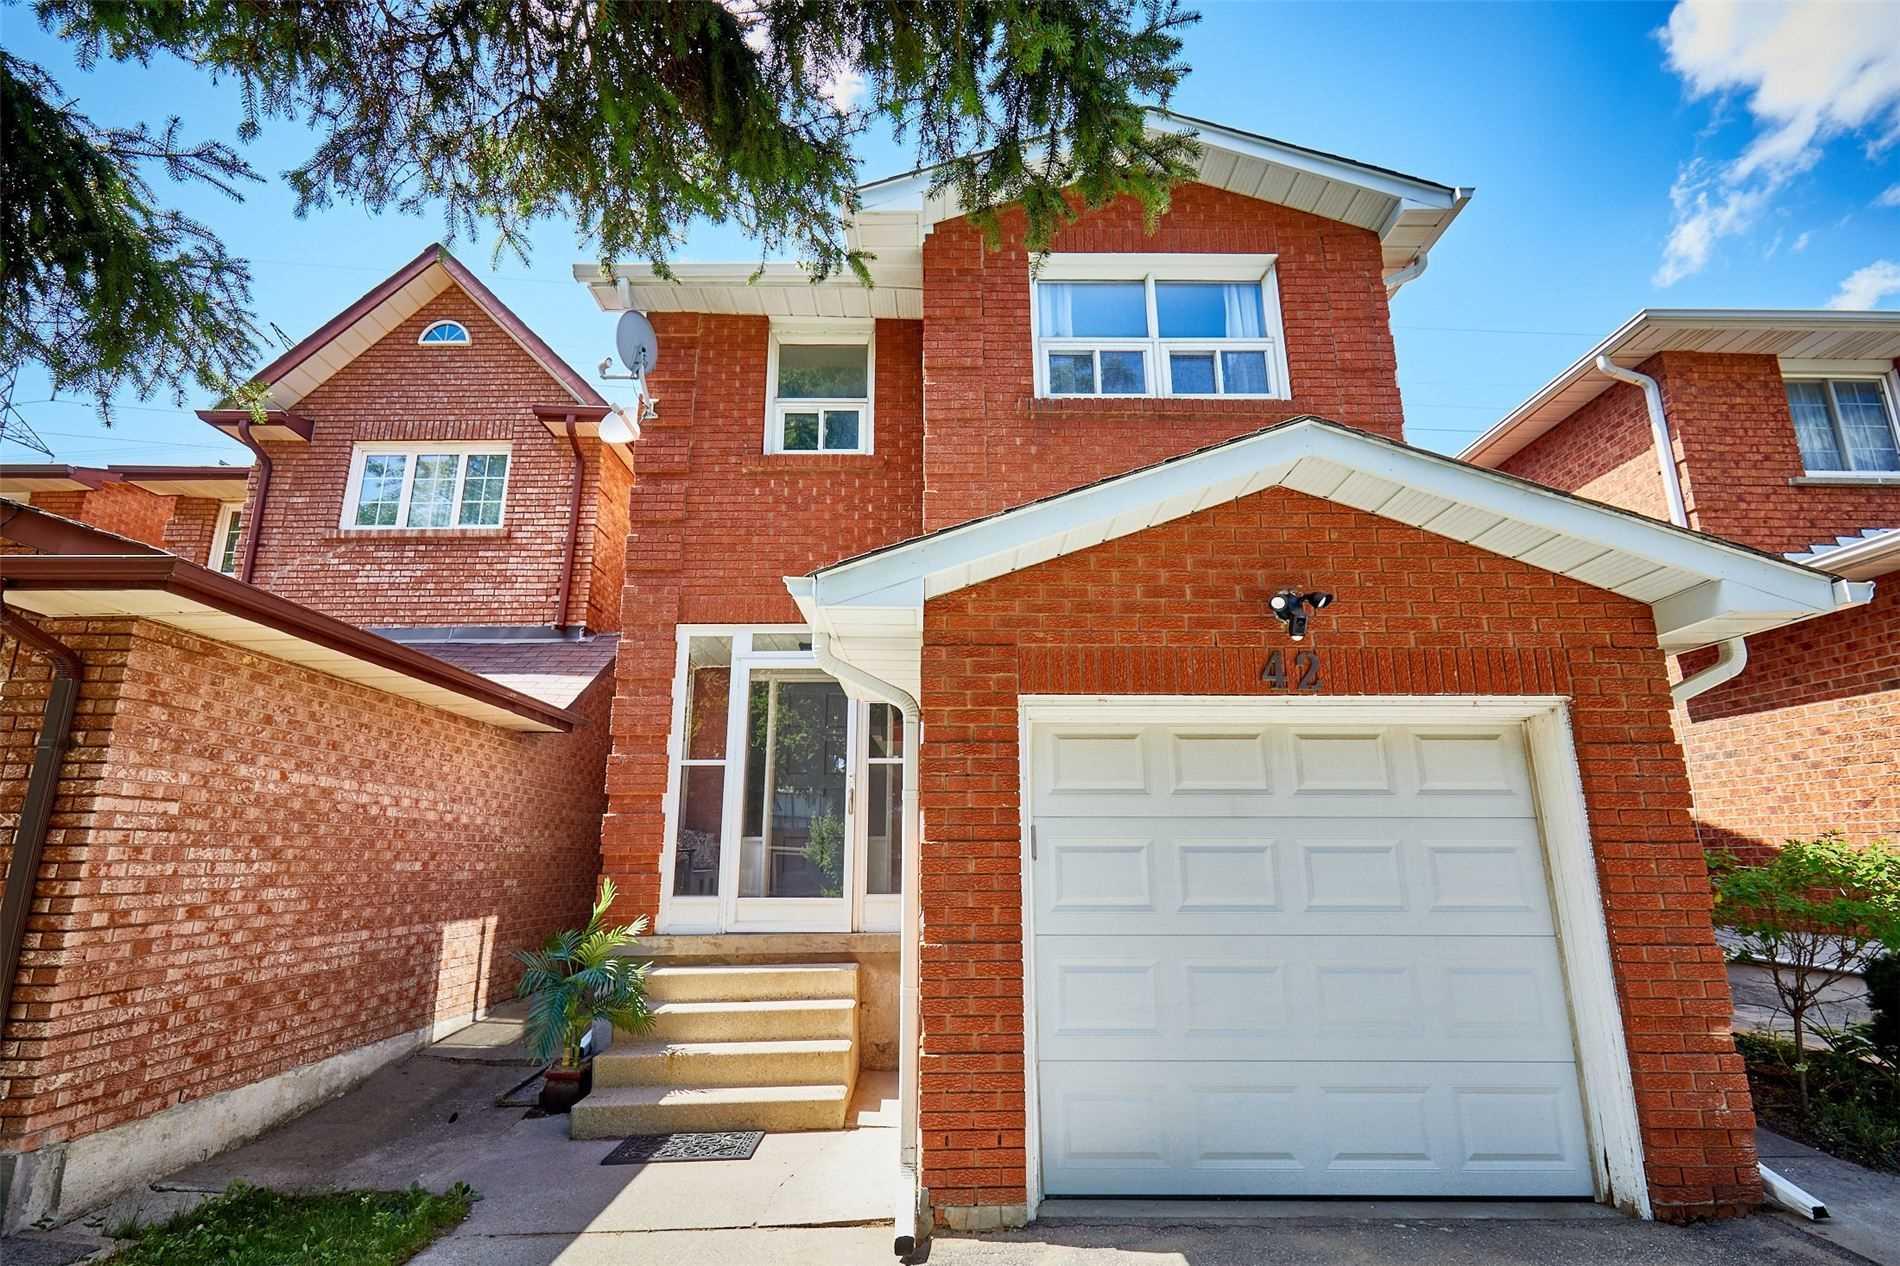 42 Oakmount Cres, Vaughan, Ontario L4K2C3, 3 Bedrooms Bedrooms, 6 Rooms Rooms,3 BathroomsBathrooms,Detached,For Sale,Oakmount,N4854771